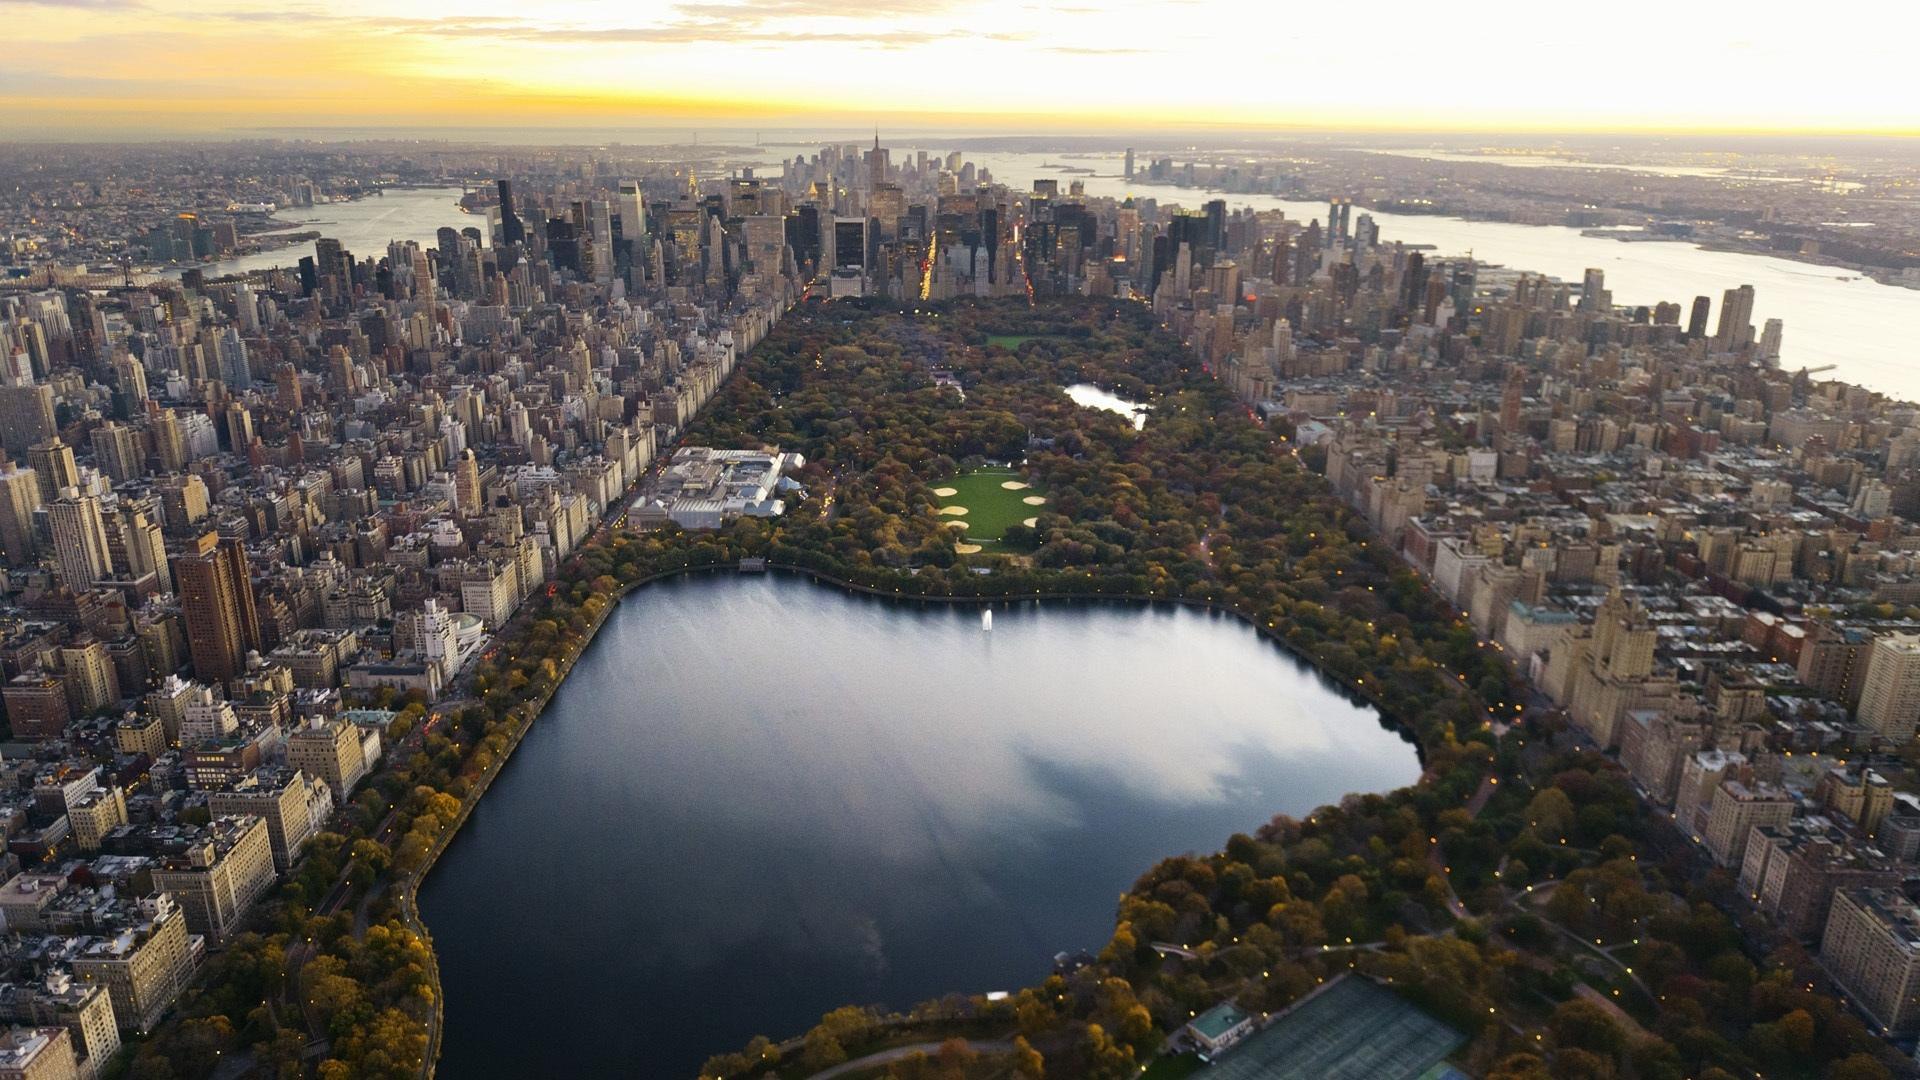 移民生活 房产投资 流出人口居全美之首 纽约吸引力不再?